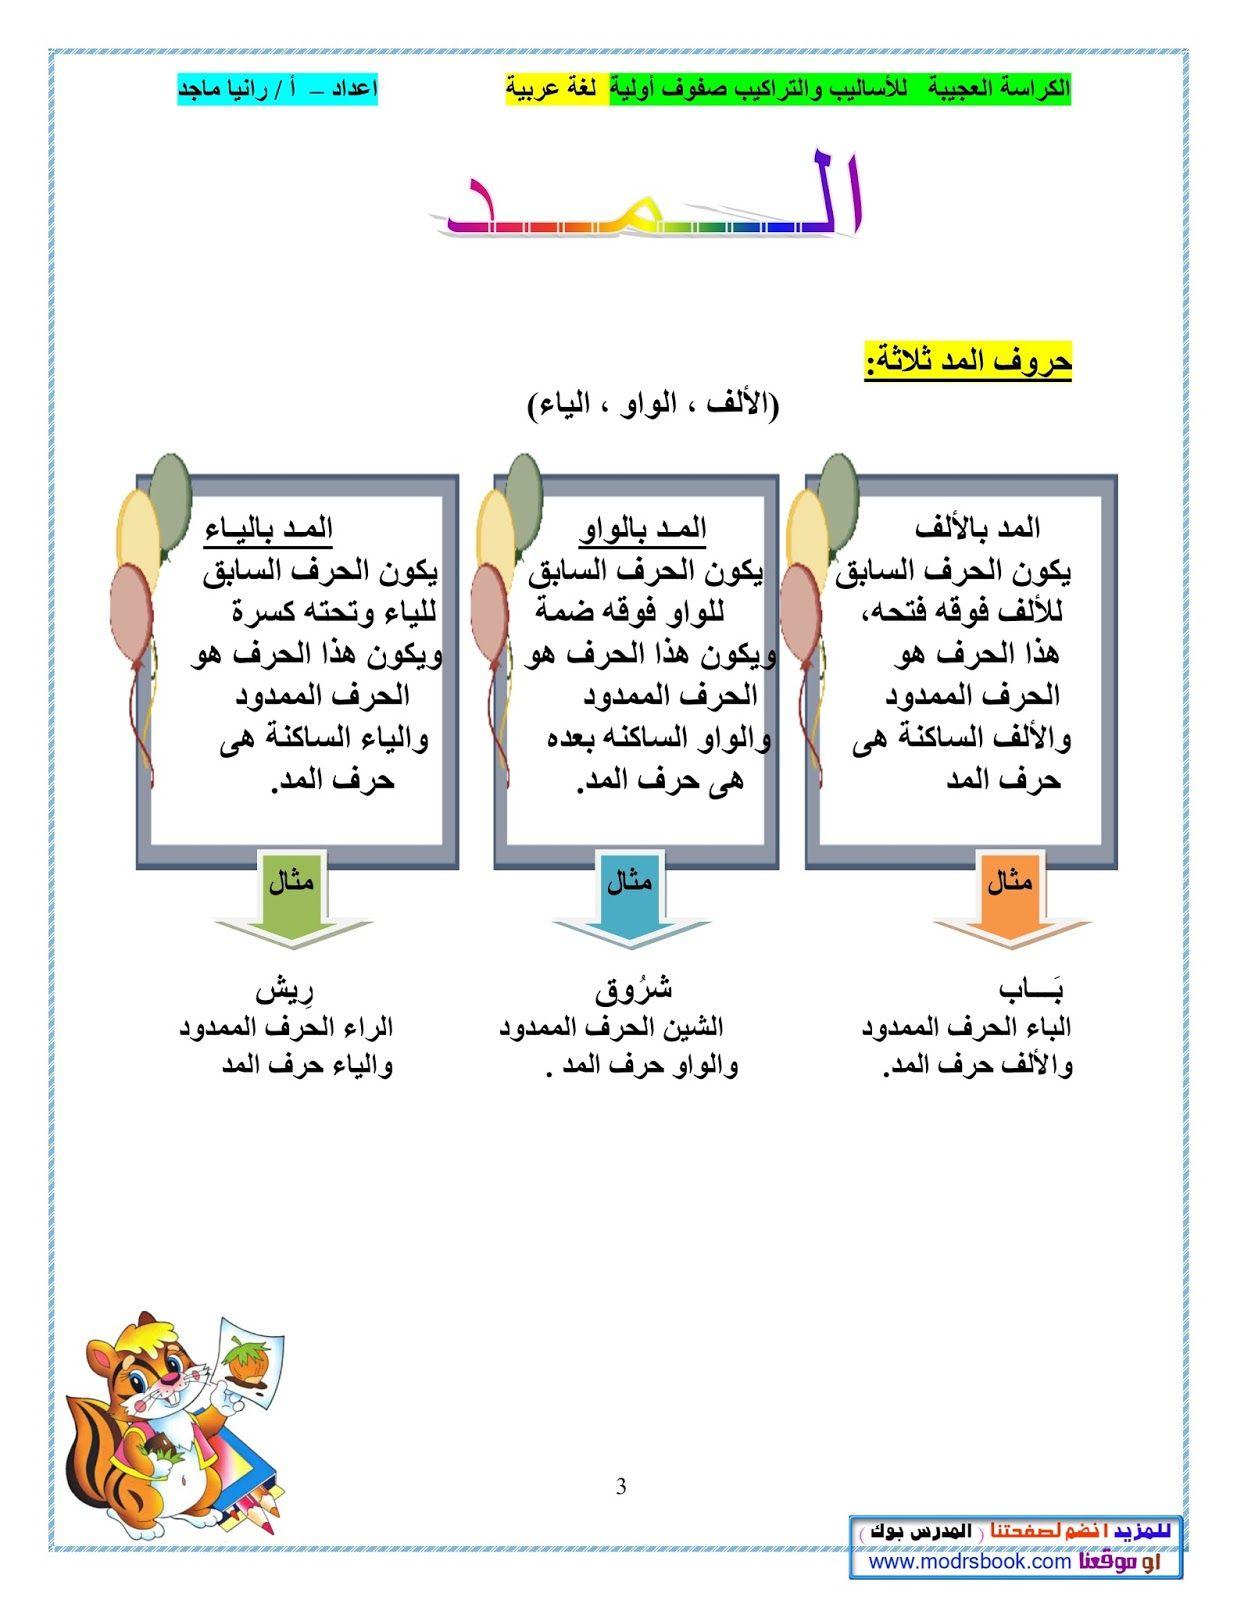 تعليم النحو للأطفال PDF